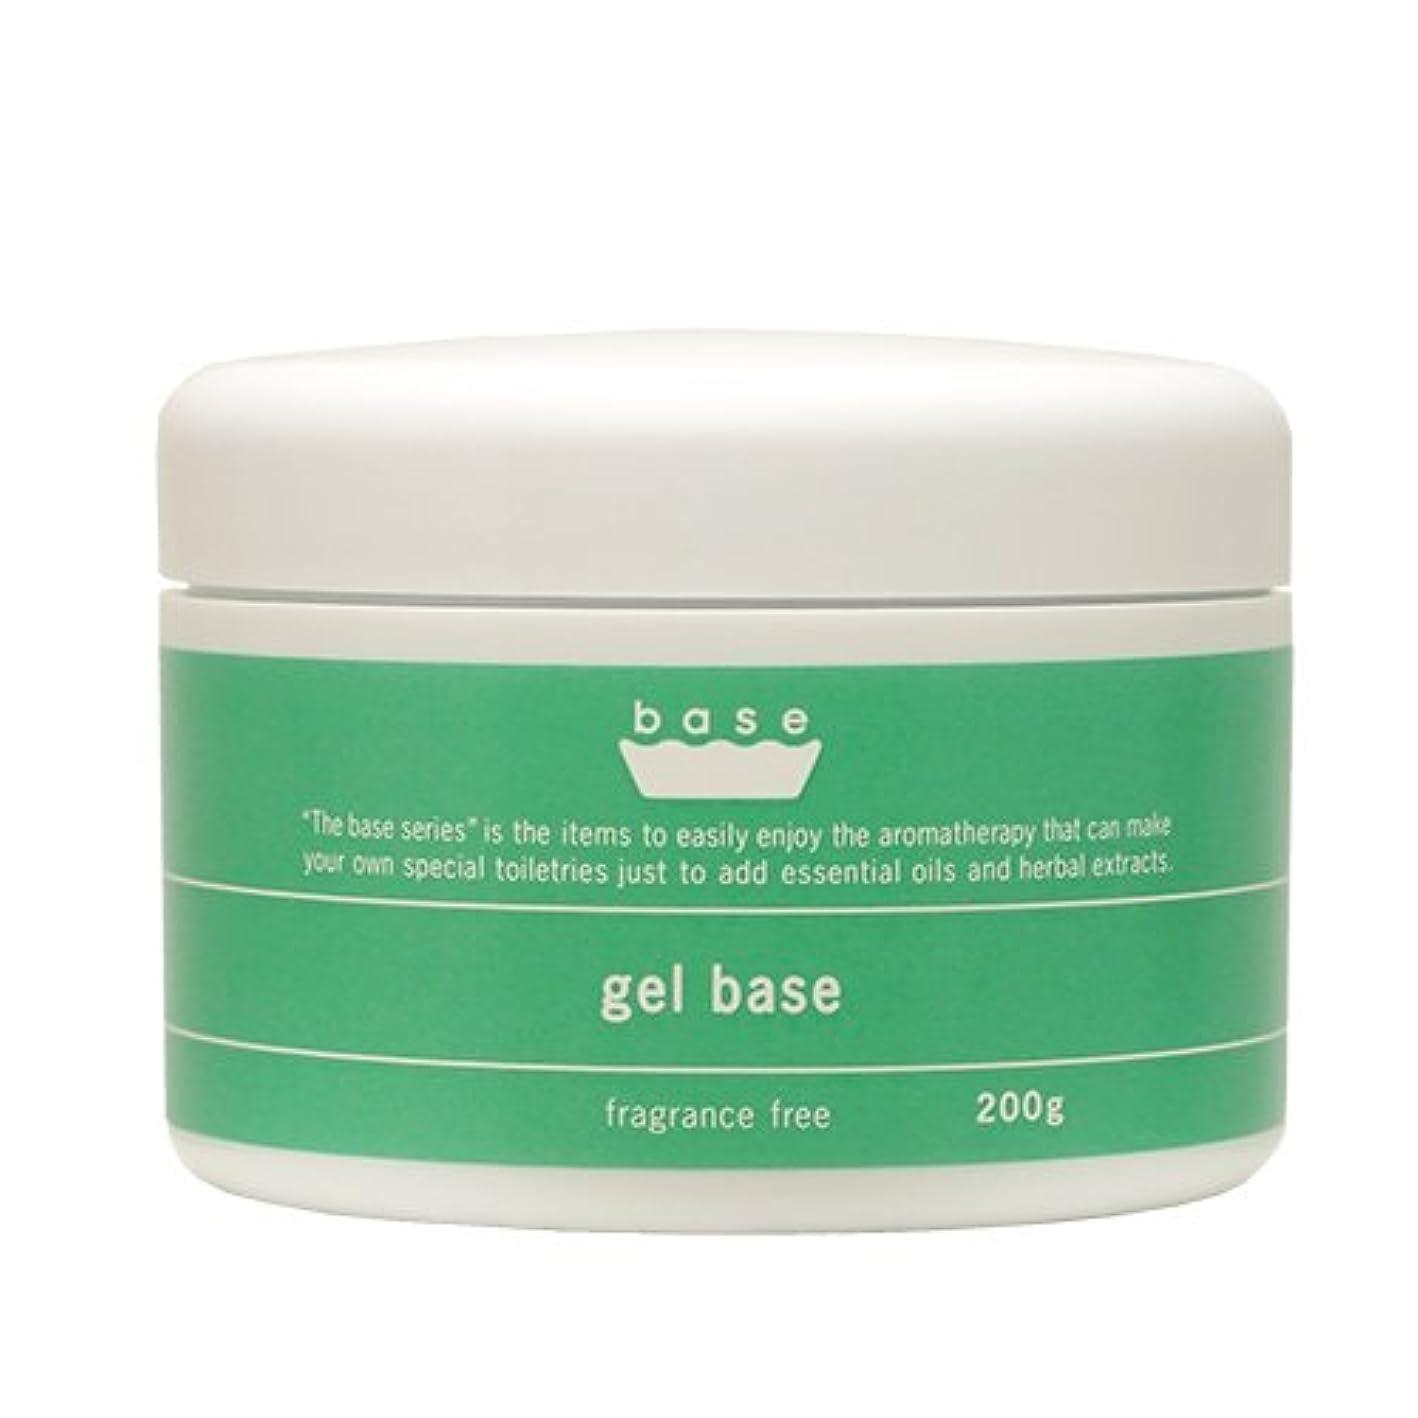 延ばす時制ブレークbase gel base(ジェルベース)200g